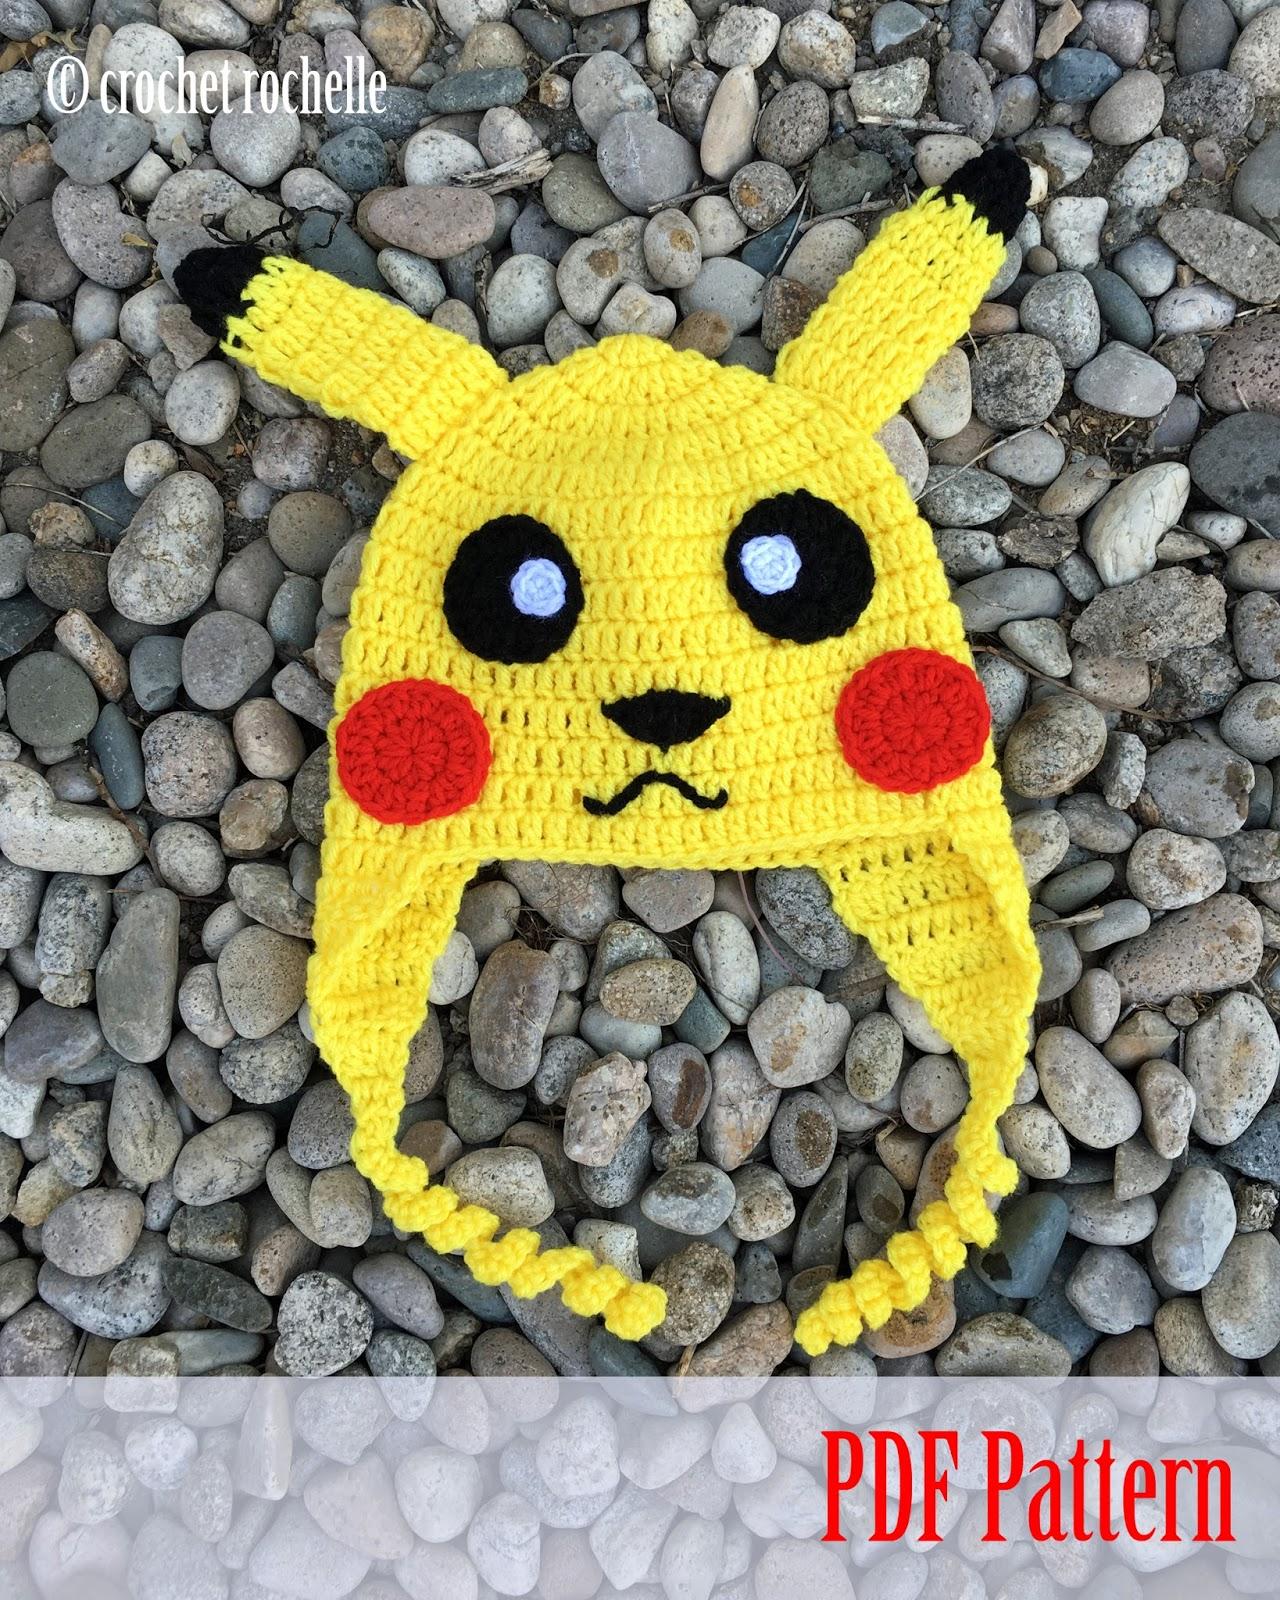 Crochet Rochelle: Pikachu Inspired Hat Pattern